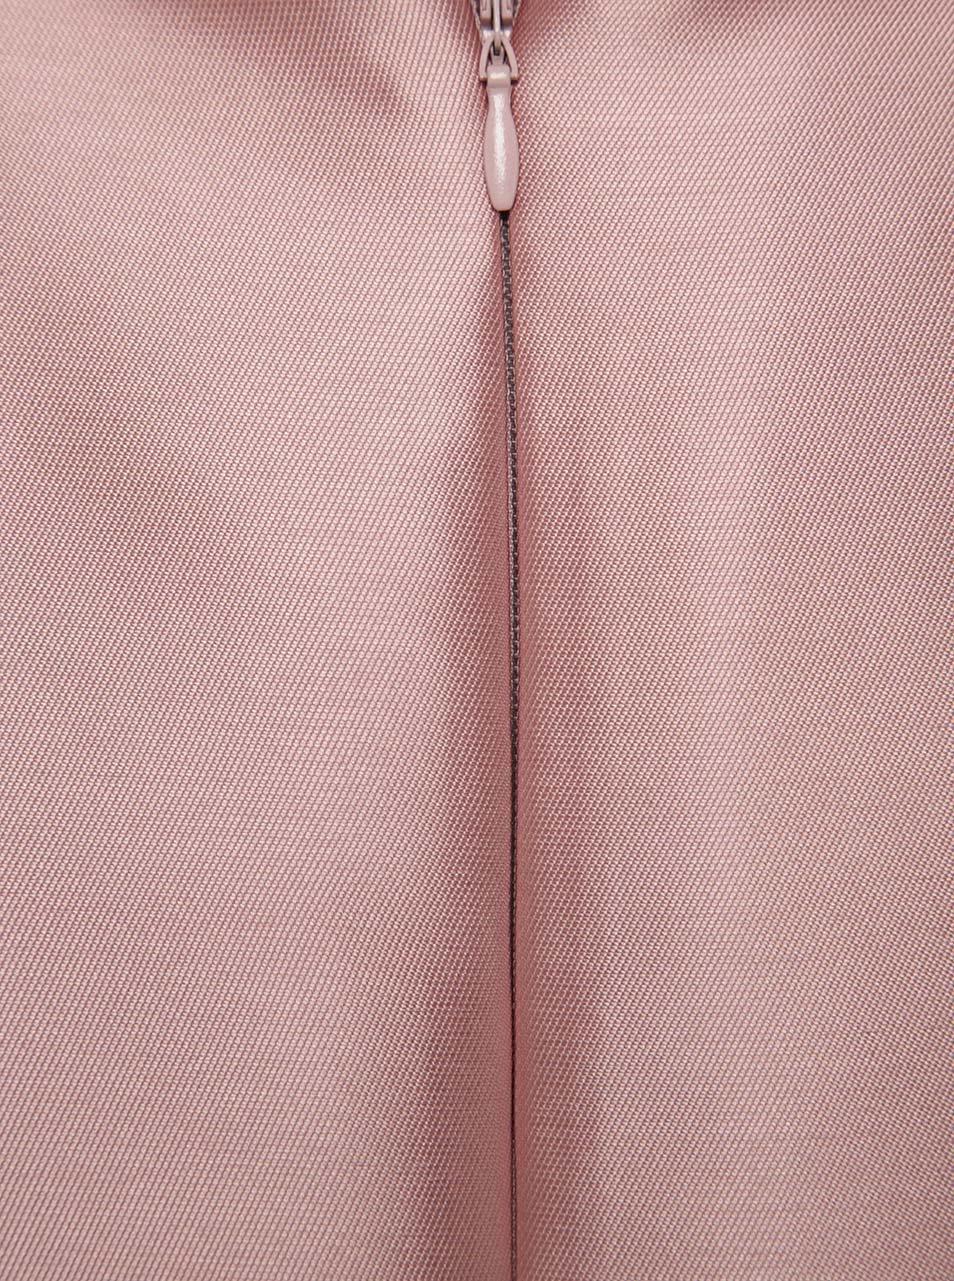 0bf235e8adda Svetloružové lesklé šaty na ramienka Miss Selfridge ...